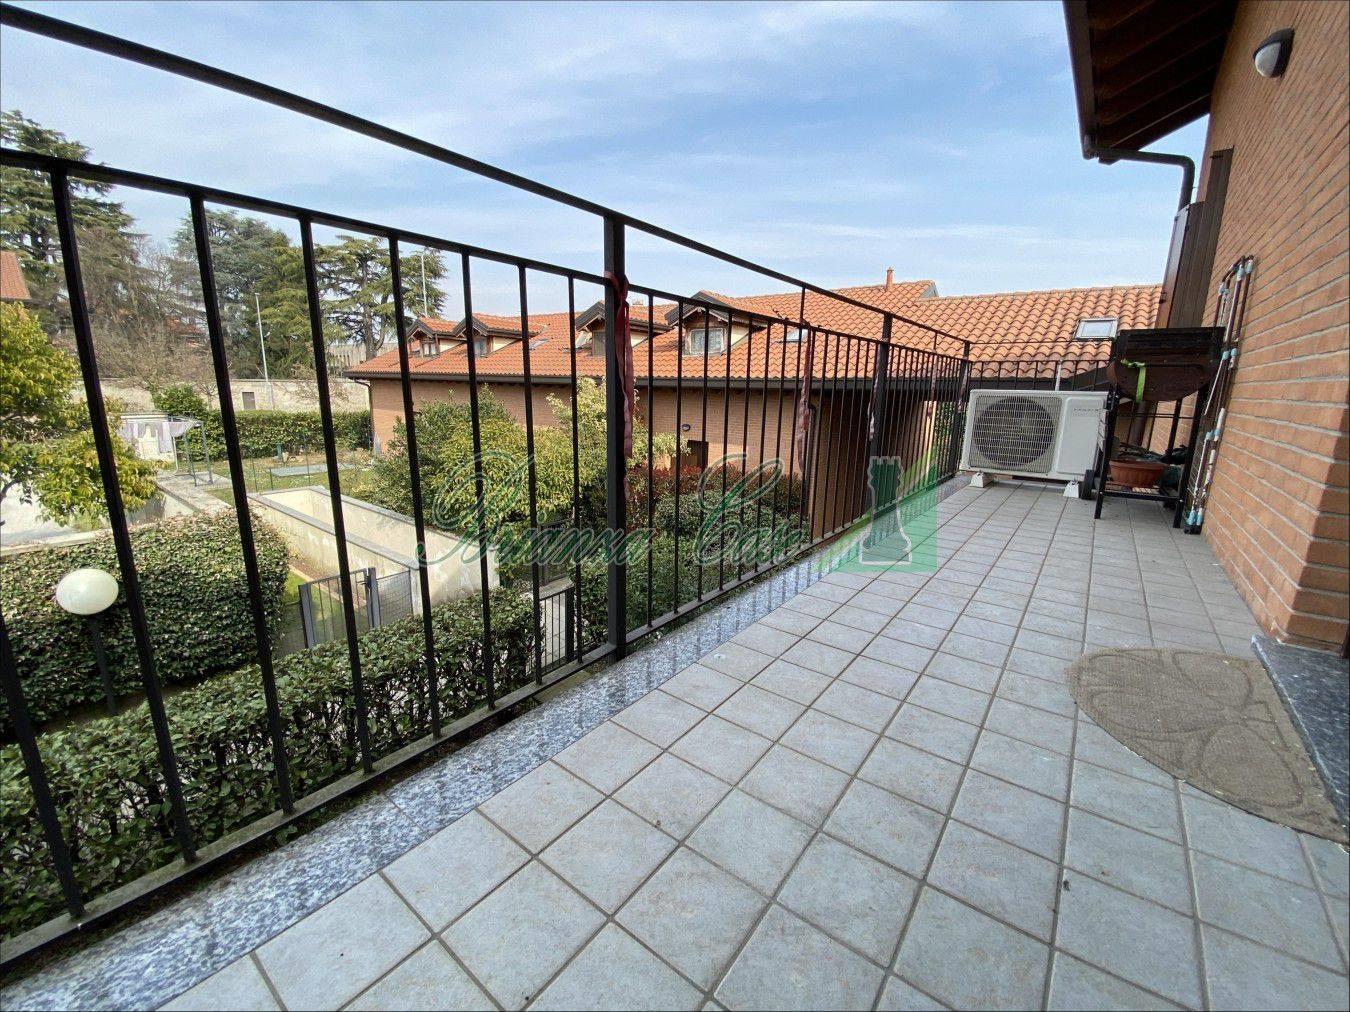 Foto 5 - Appartamento in Vendita - Arcore (Monza e Brianza)